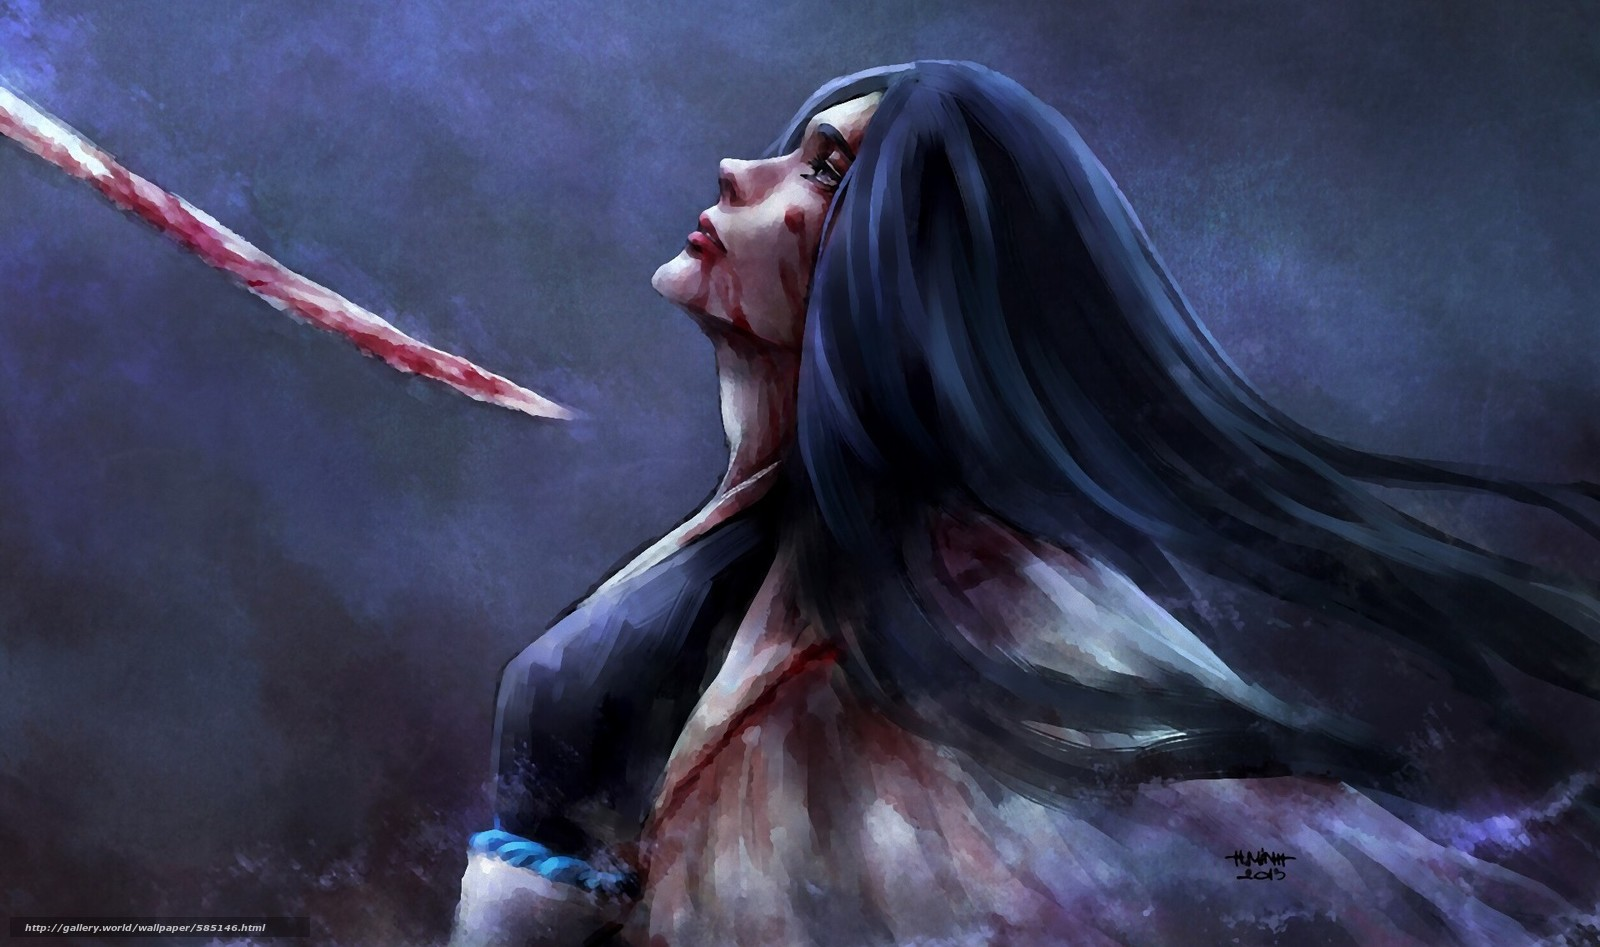 Скачать обои девушка,  меч,  синигами,  плащ бесплатно для рабочего стола в разрешении 1920x1136 — картинка №585146